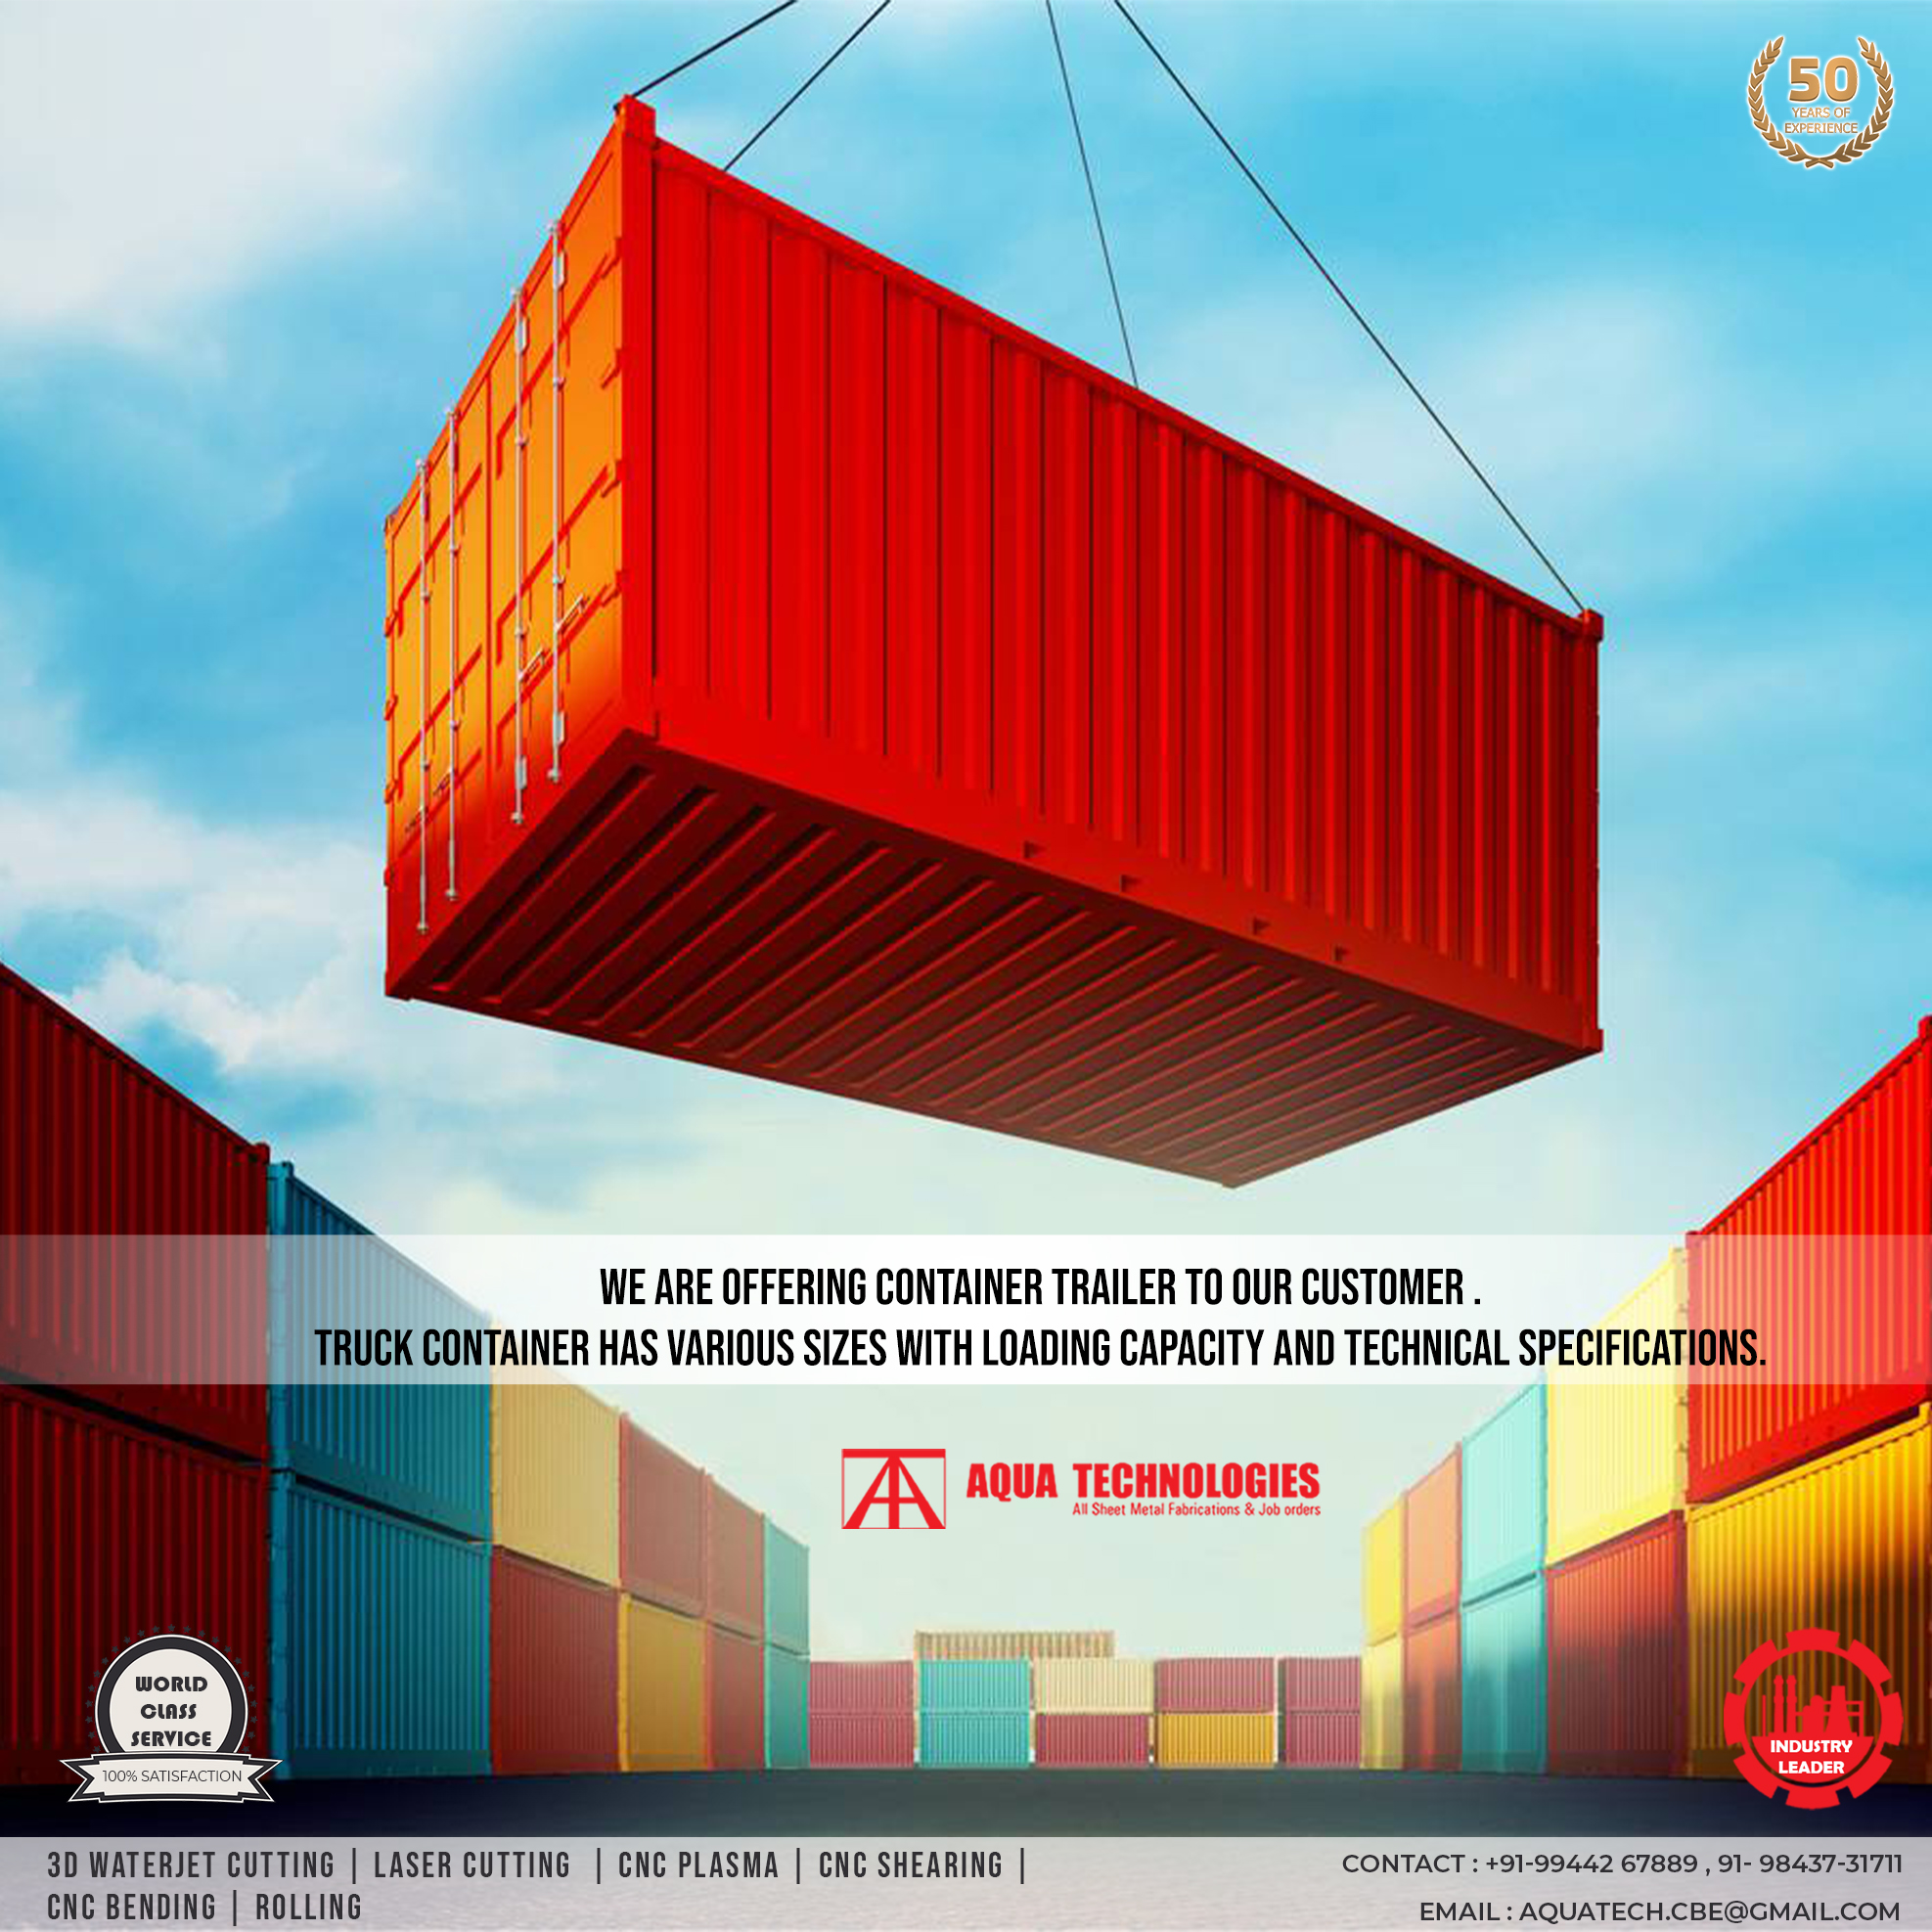 Web Development Company in Coimbatore